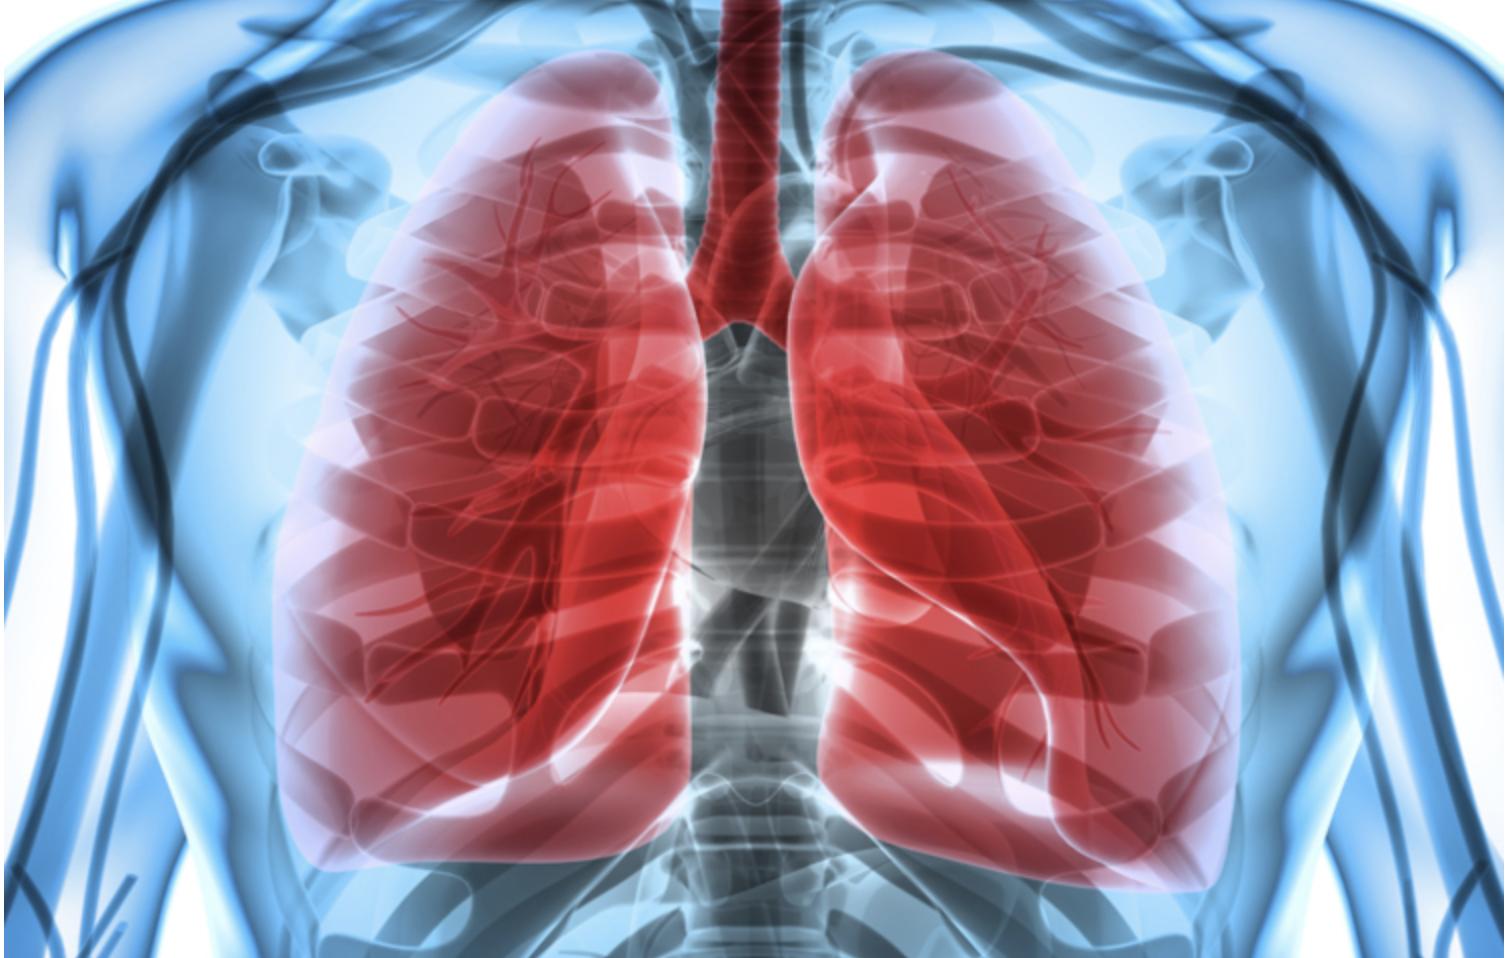 Tegen 2035 sterven 2,45 miljoen mensen per jaar aan longkanker